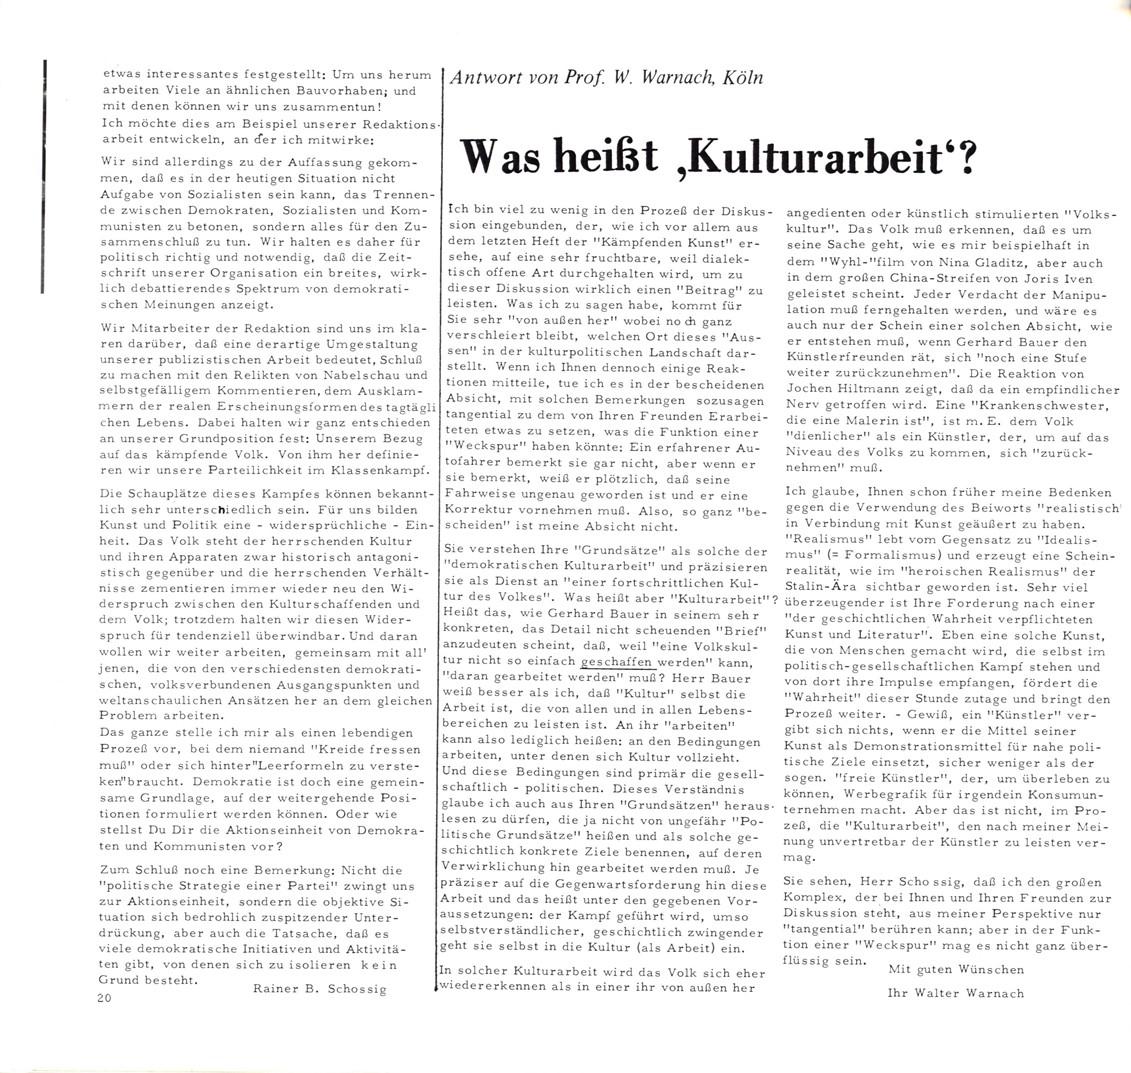 VSK_Kaempfende_Kunst_19771200_20